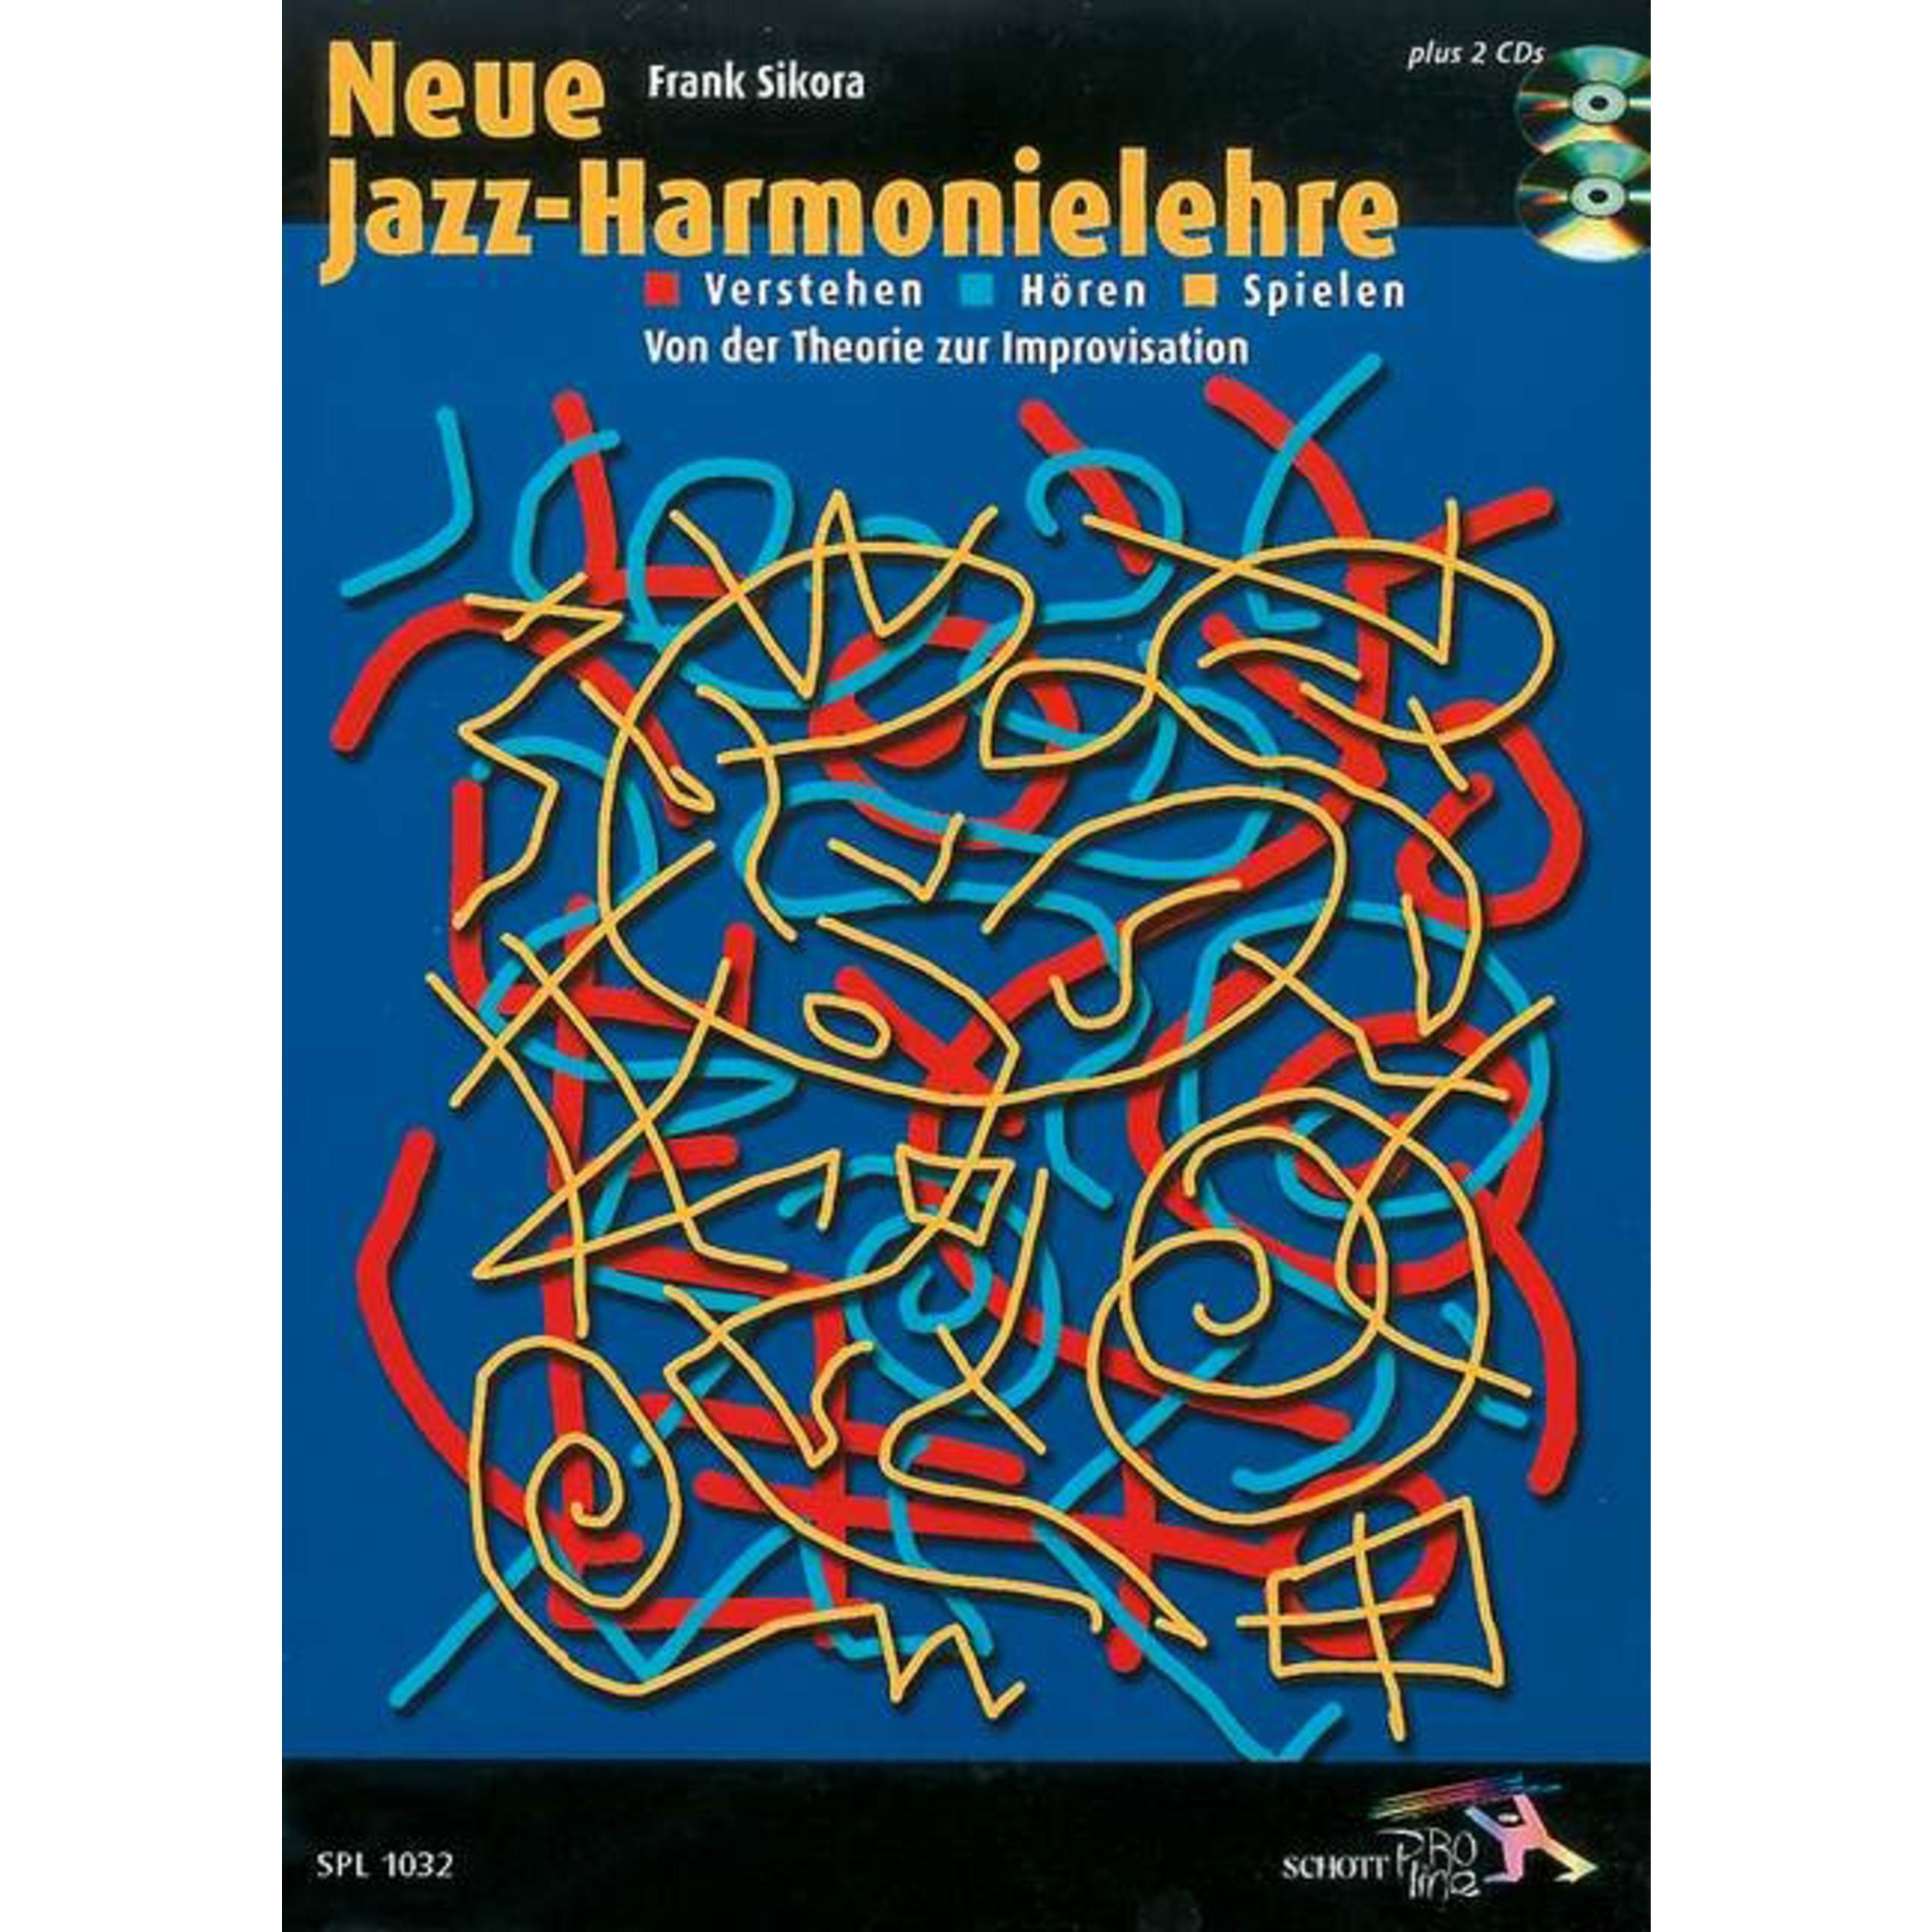 Schott Music - Neue Jazz-Harmonielehre SPL 1032